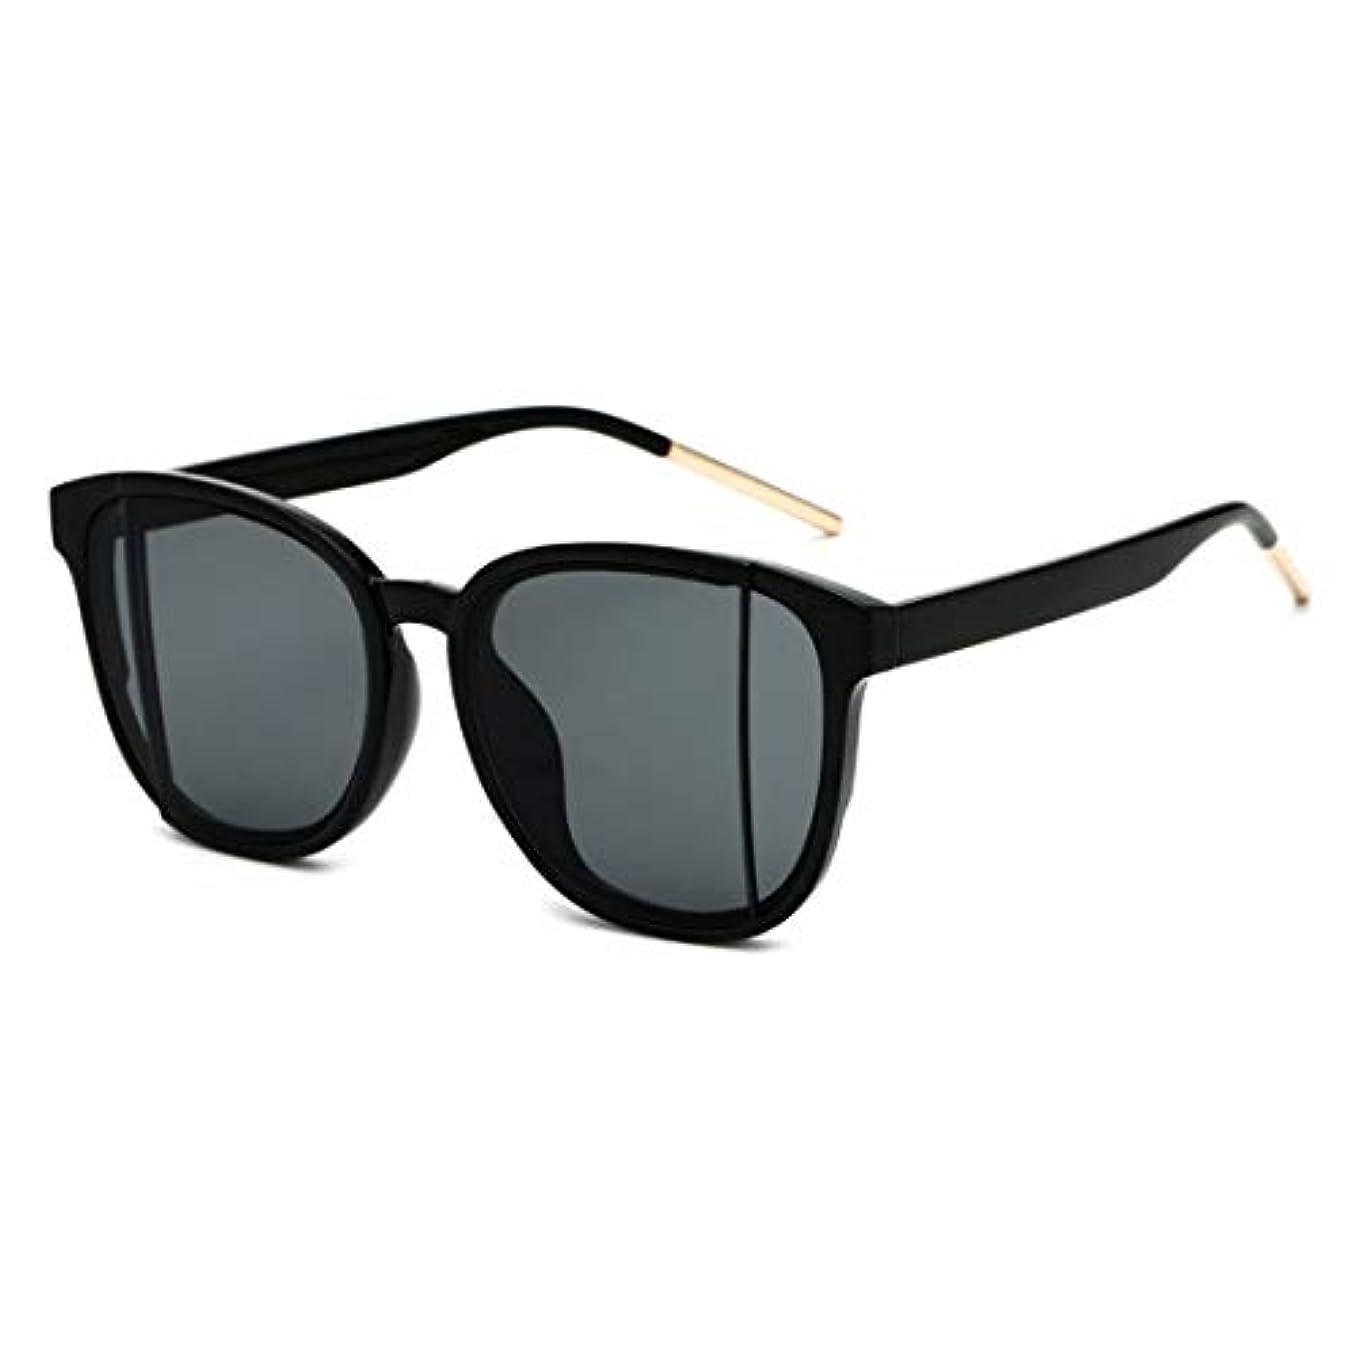 かんたん韓国語倫理サングラス 偏光サングラスレディレトロラウンドフレームサングラス運転の休日旅行UV400保護。, ファッションサングラス